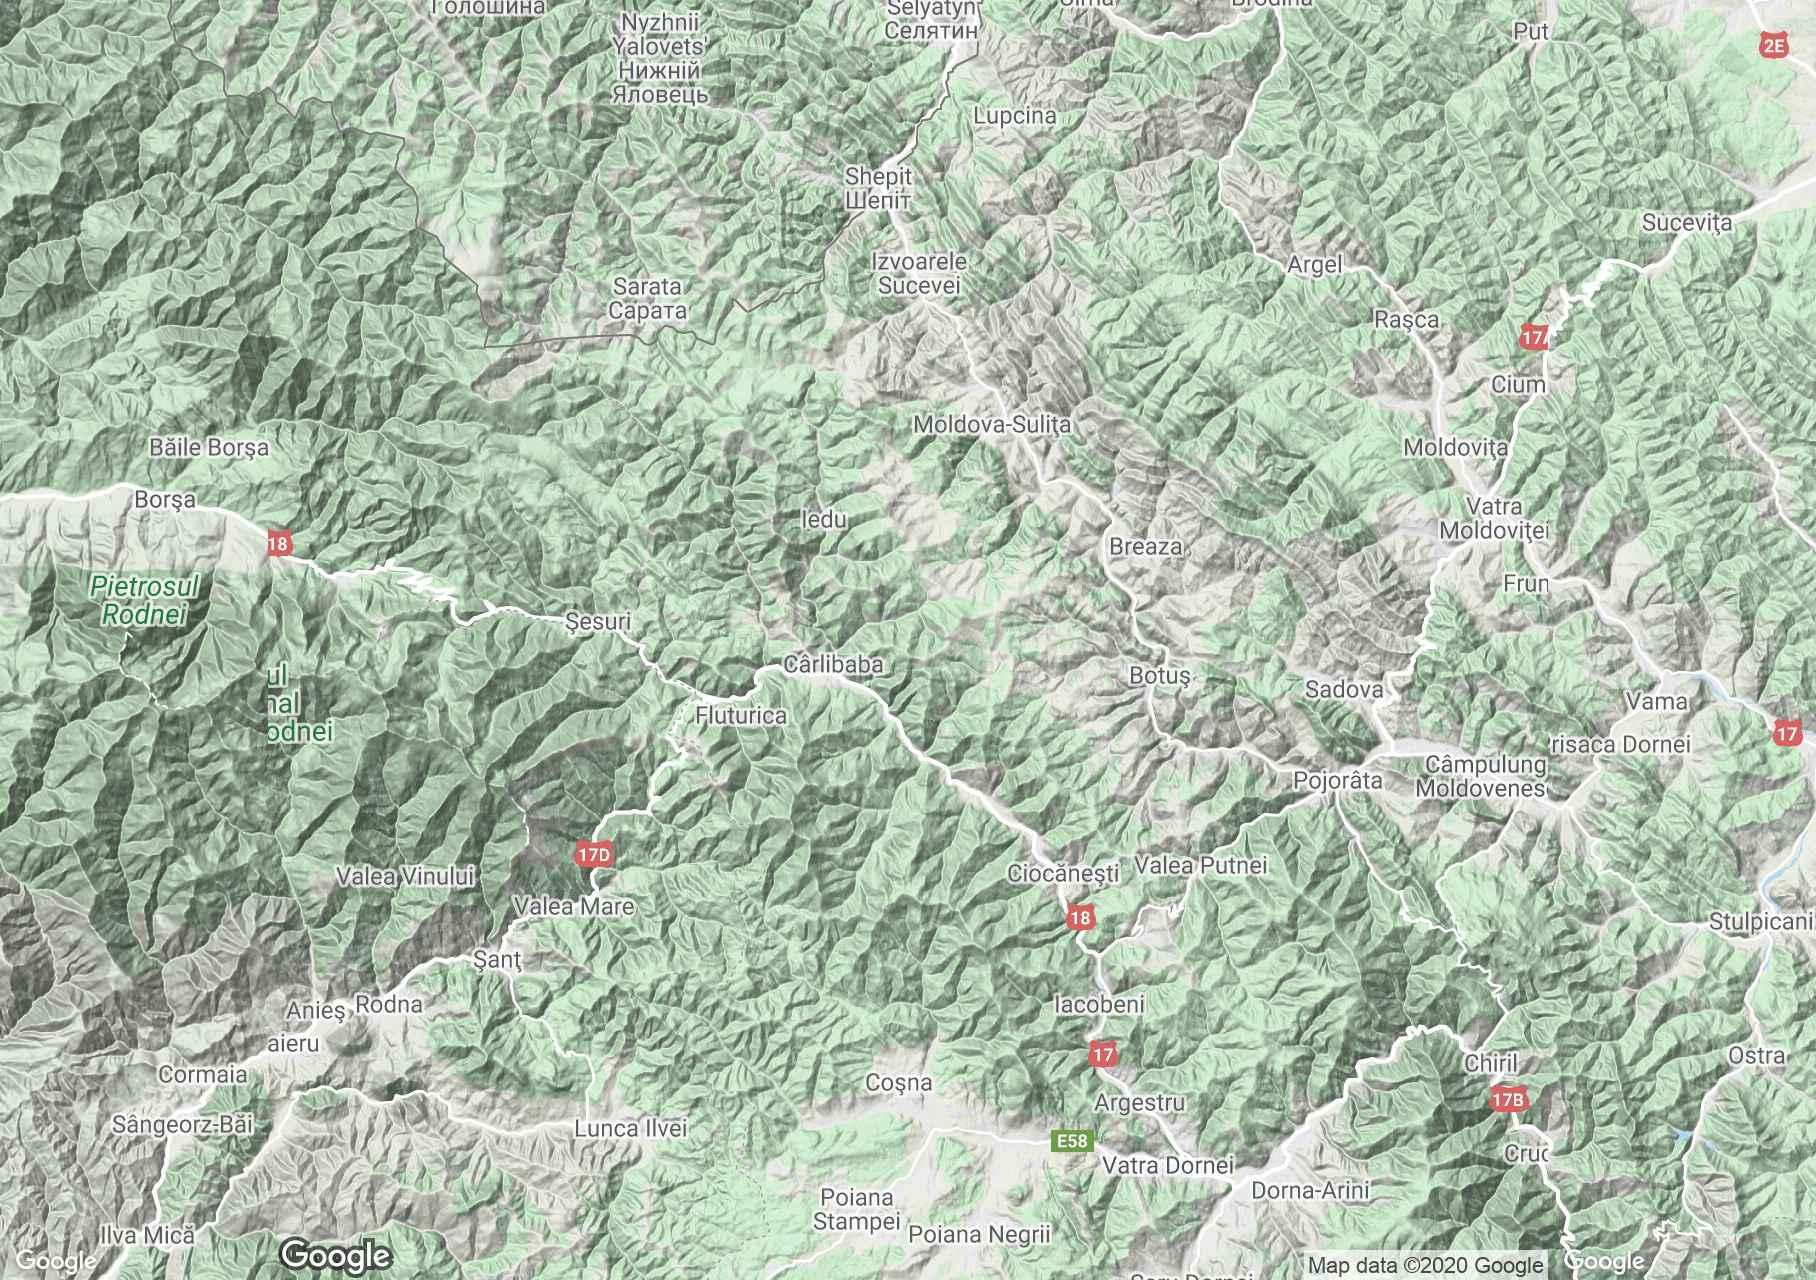 Obcina Mestecăniş, Harta turistică interactivă